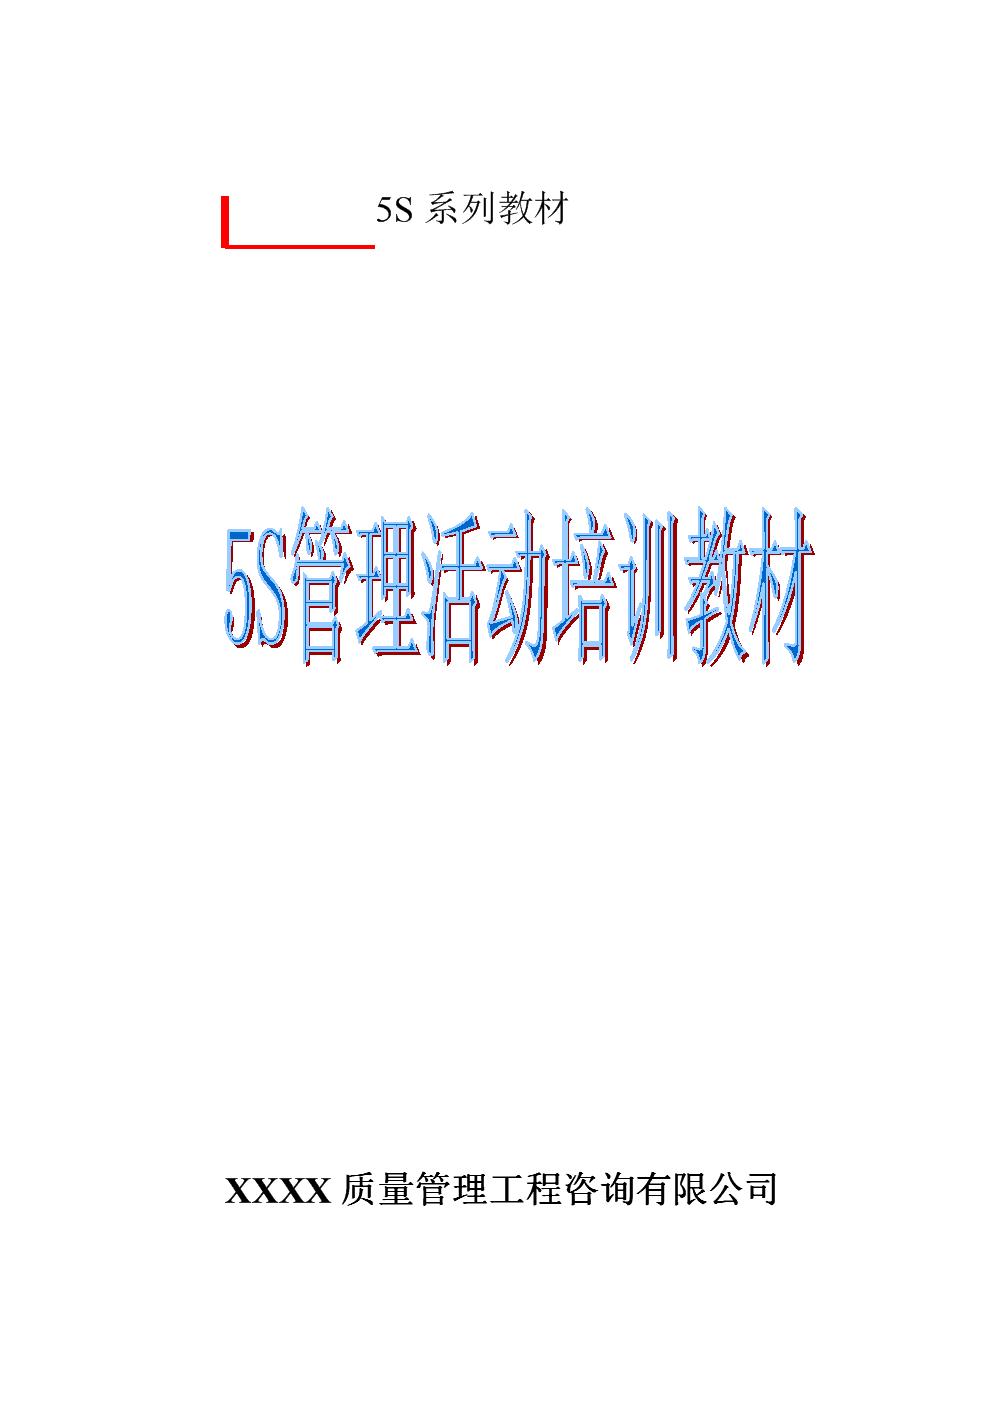 工程咨询公司5S管理活动培训教材.doc